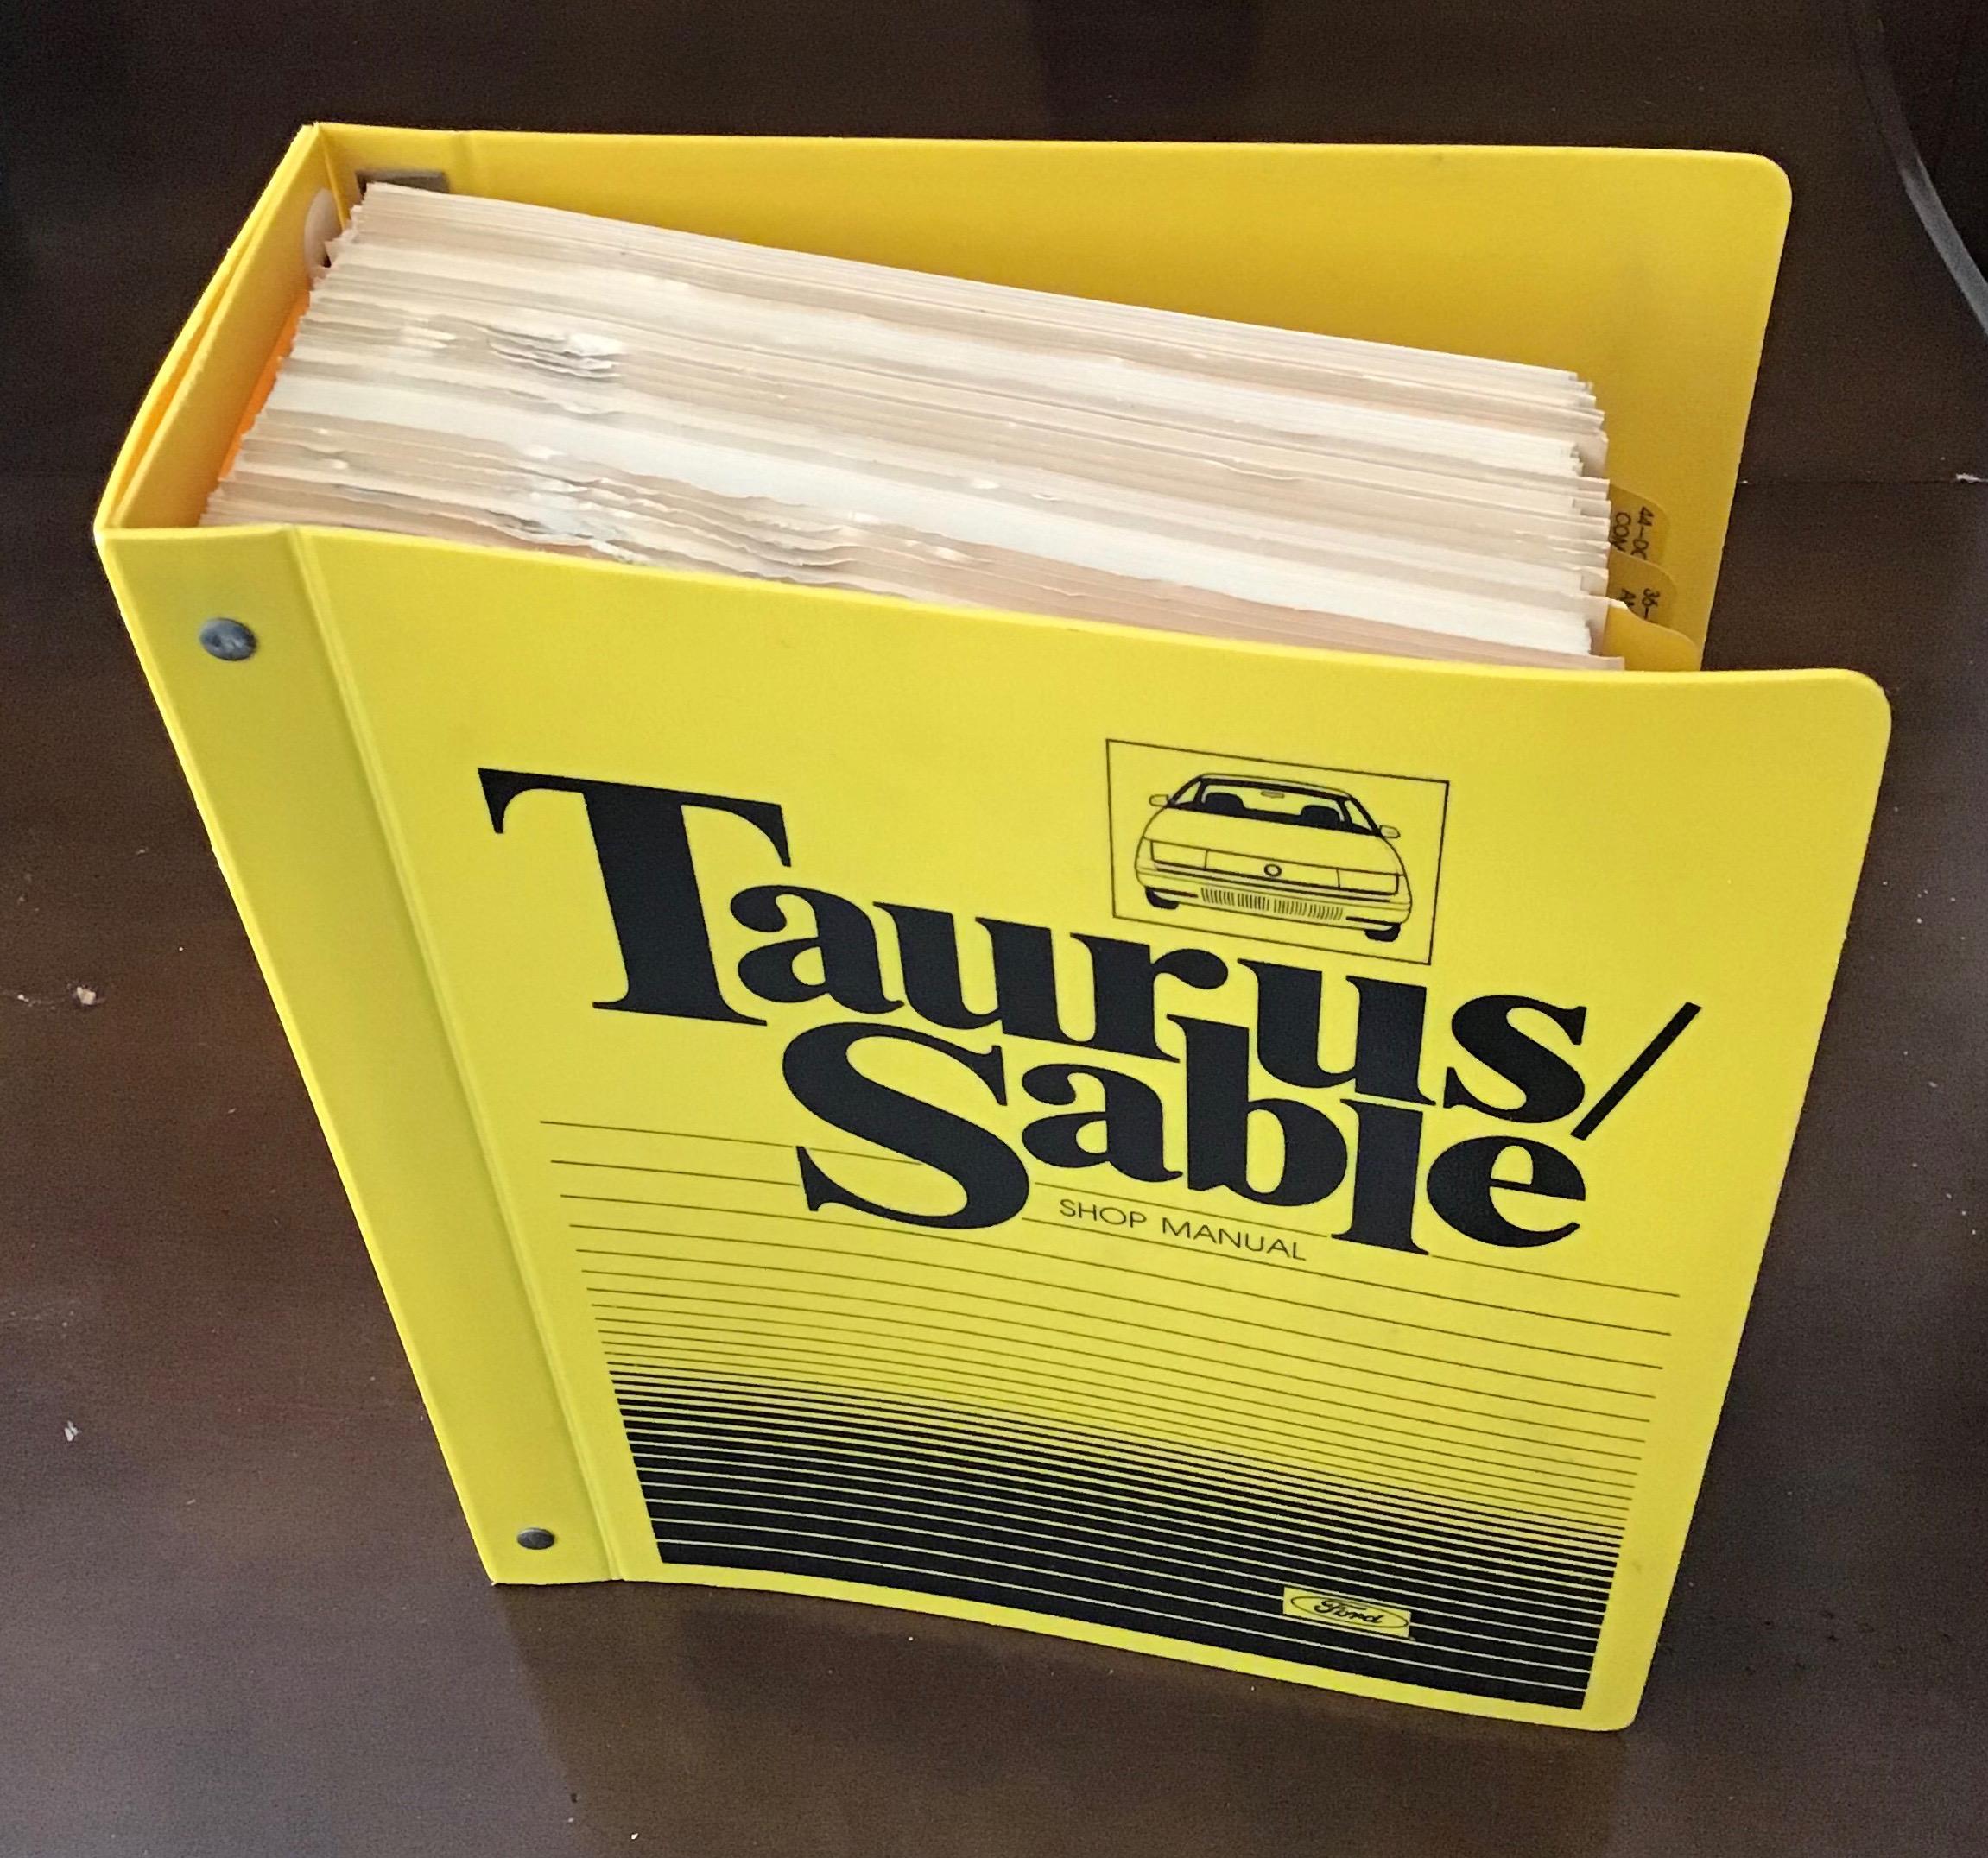 Ford Taurus 3.8L shop manual